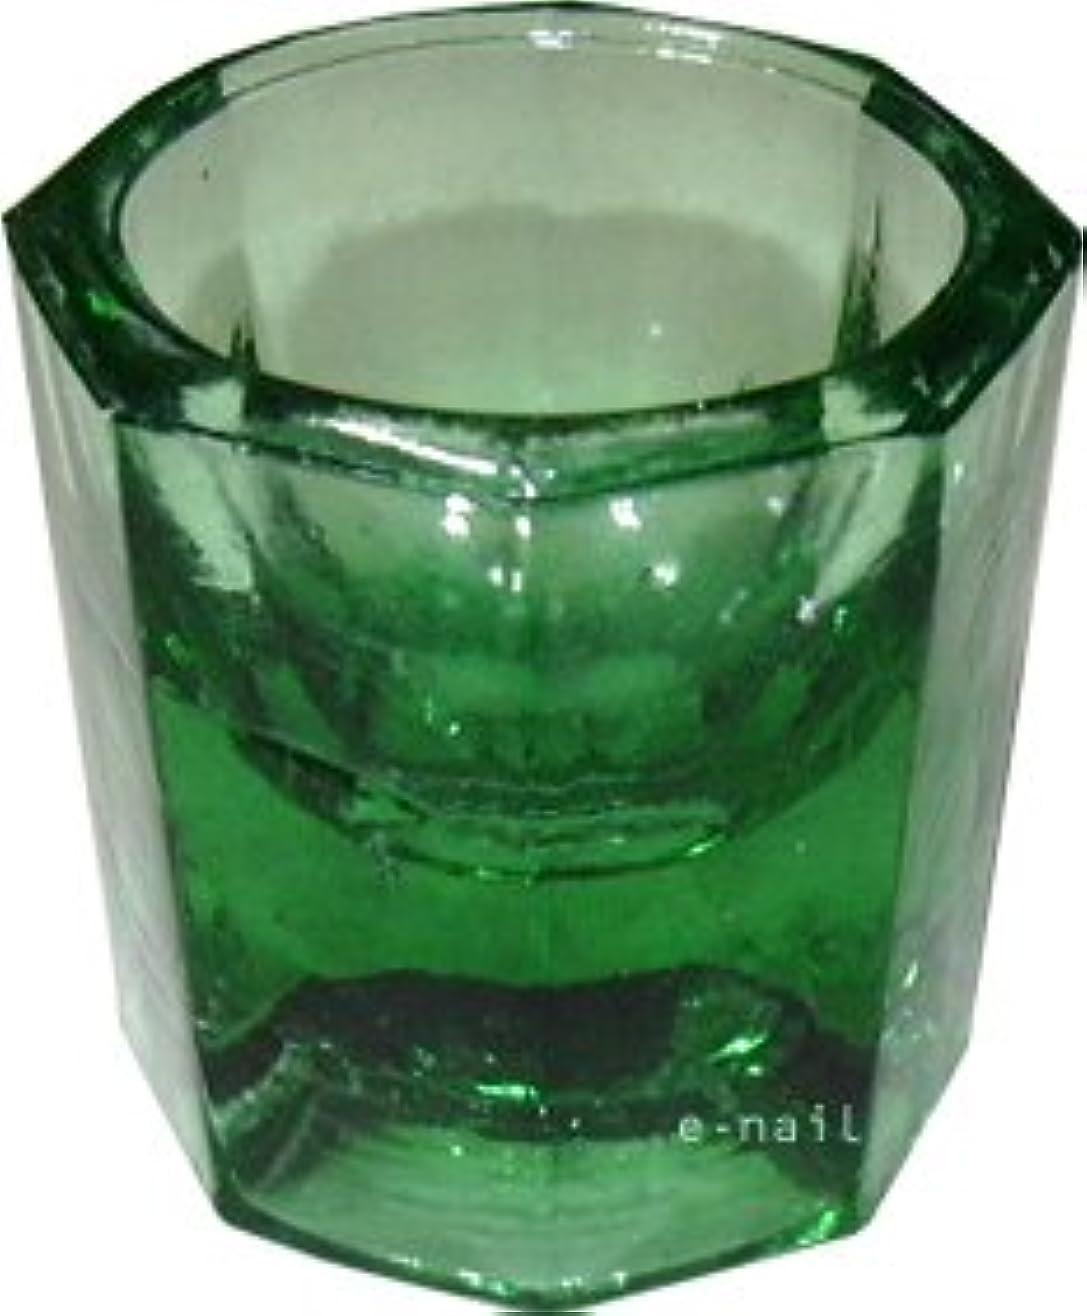 煙突電話をかける似ているスモールグラス ダッペンディッシュ グリーン